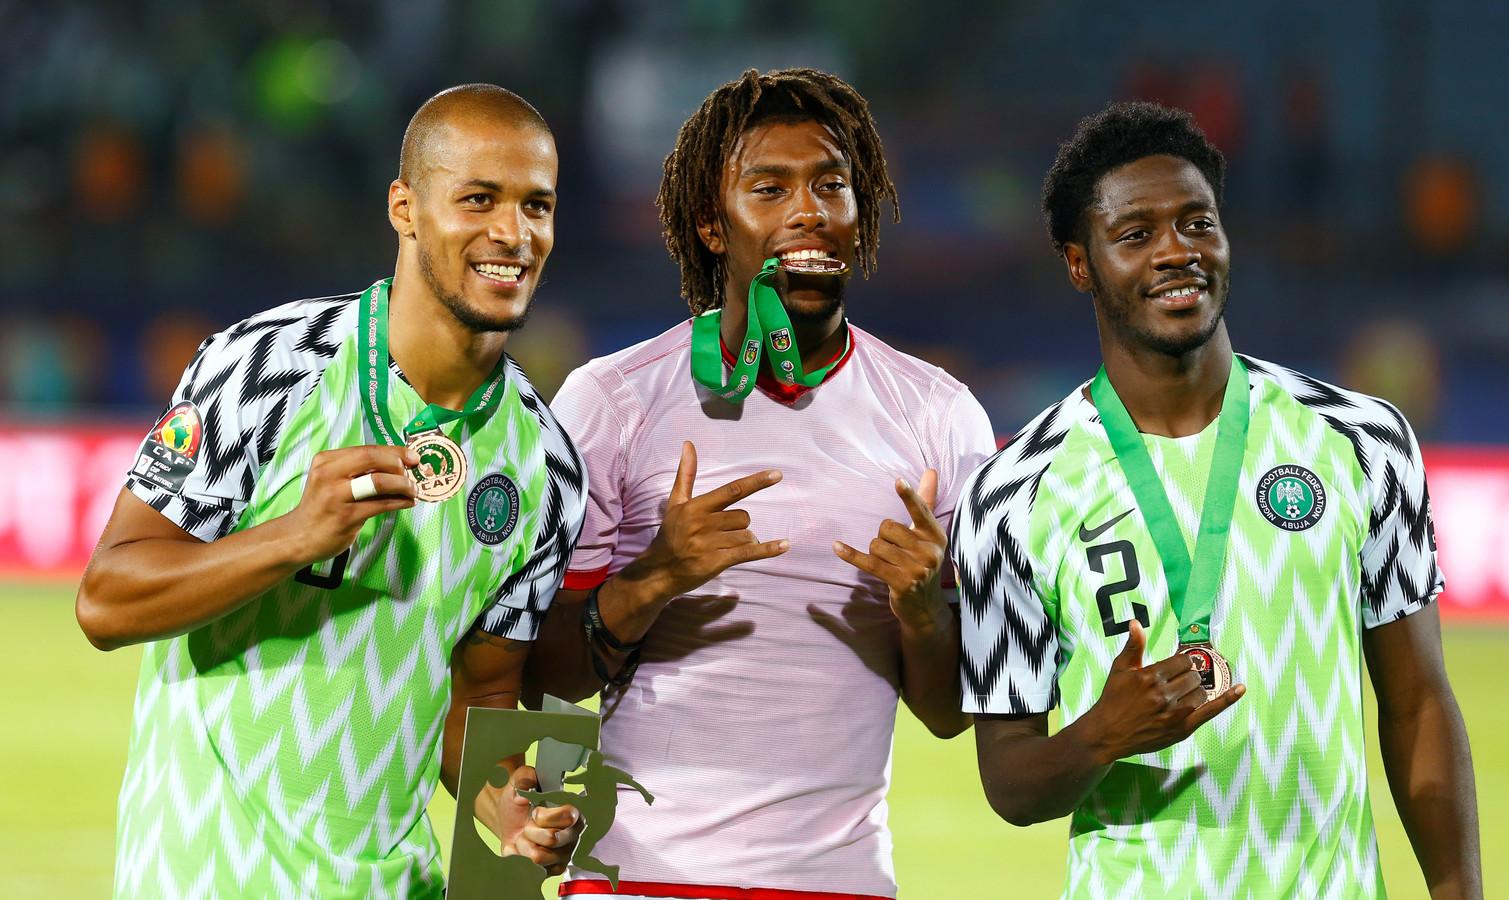 Alex Iwobi, hier in het midden tussen William Troost-Ekong en Ola Aina, werd afgelopen maand derde op de Afrika Cup met Nigeria.